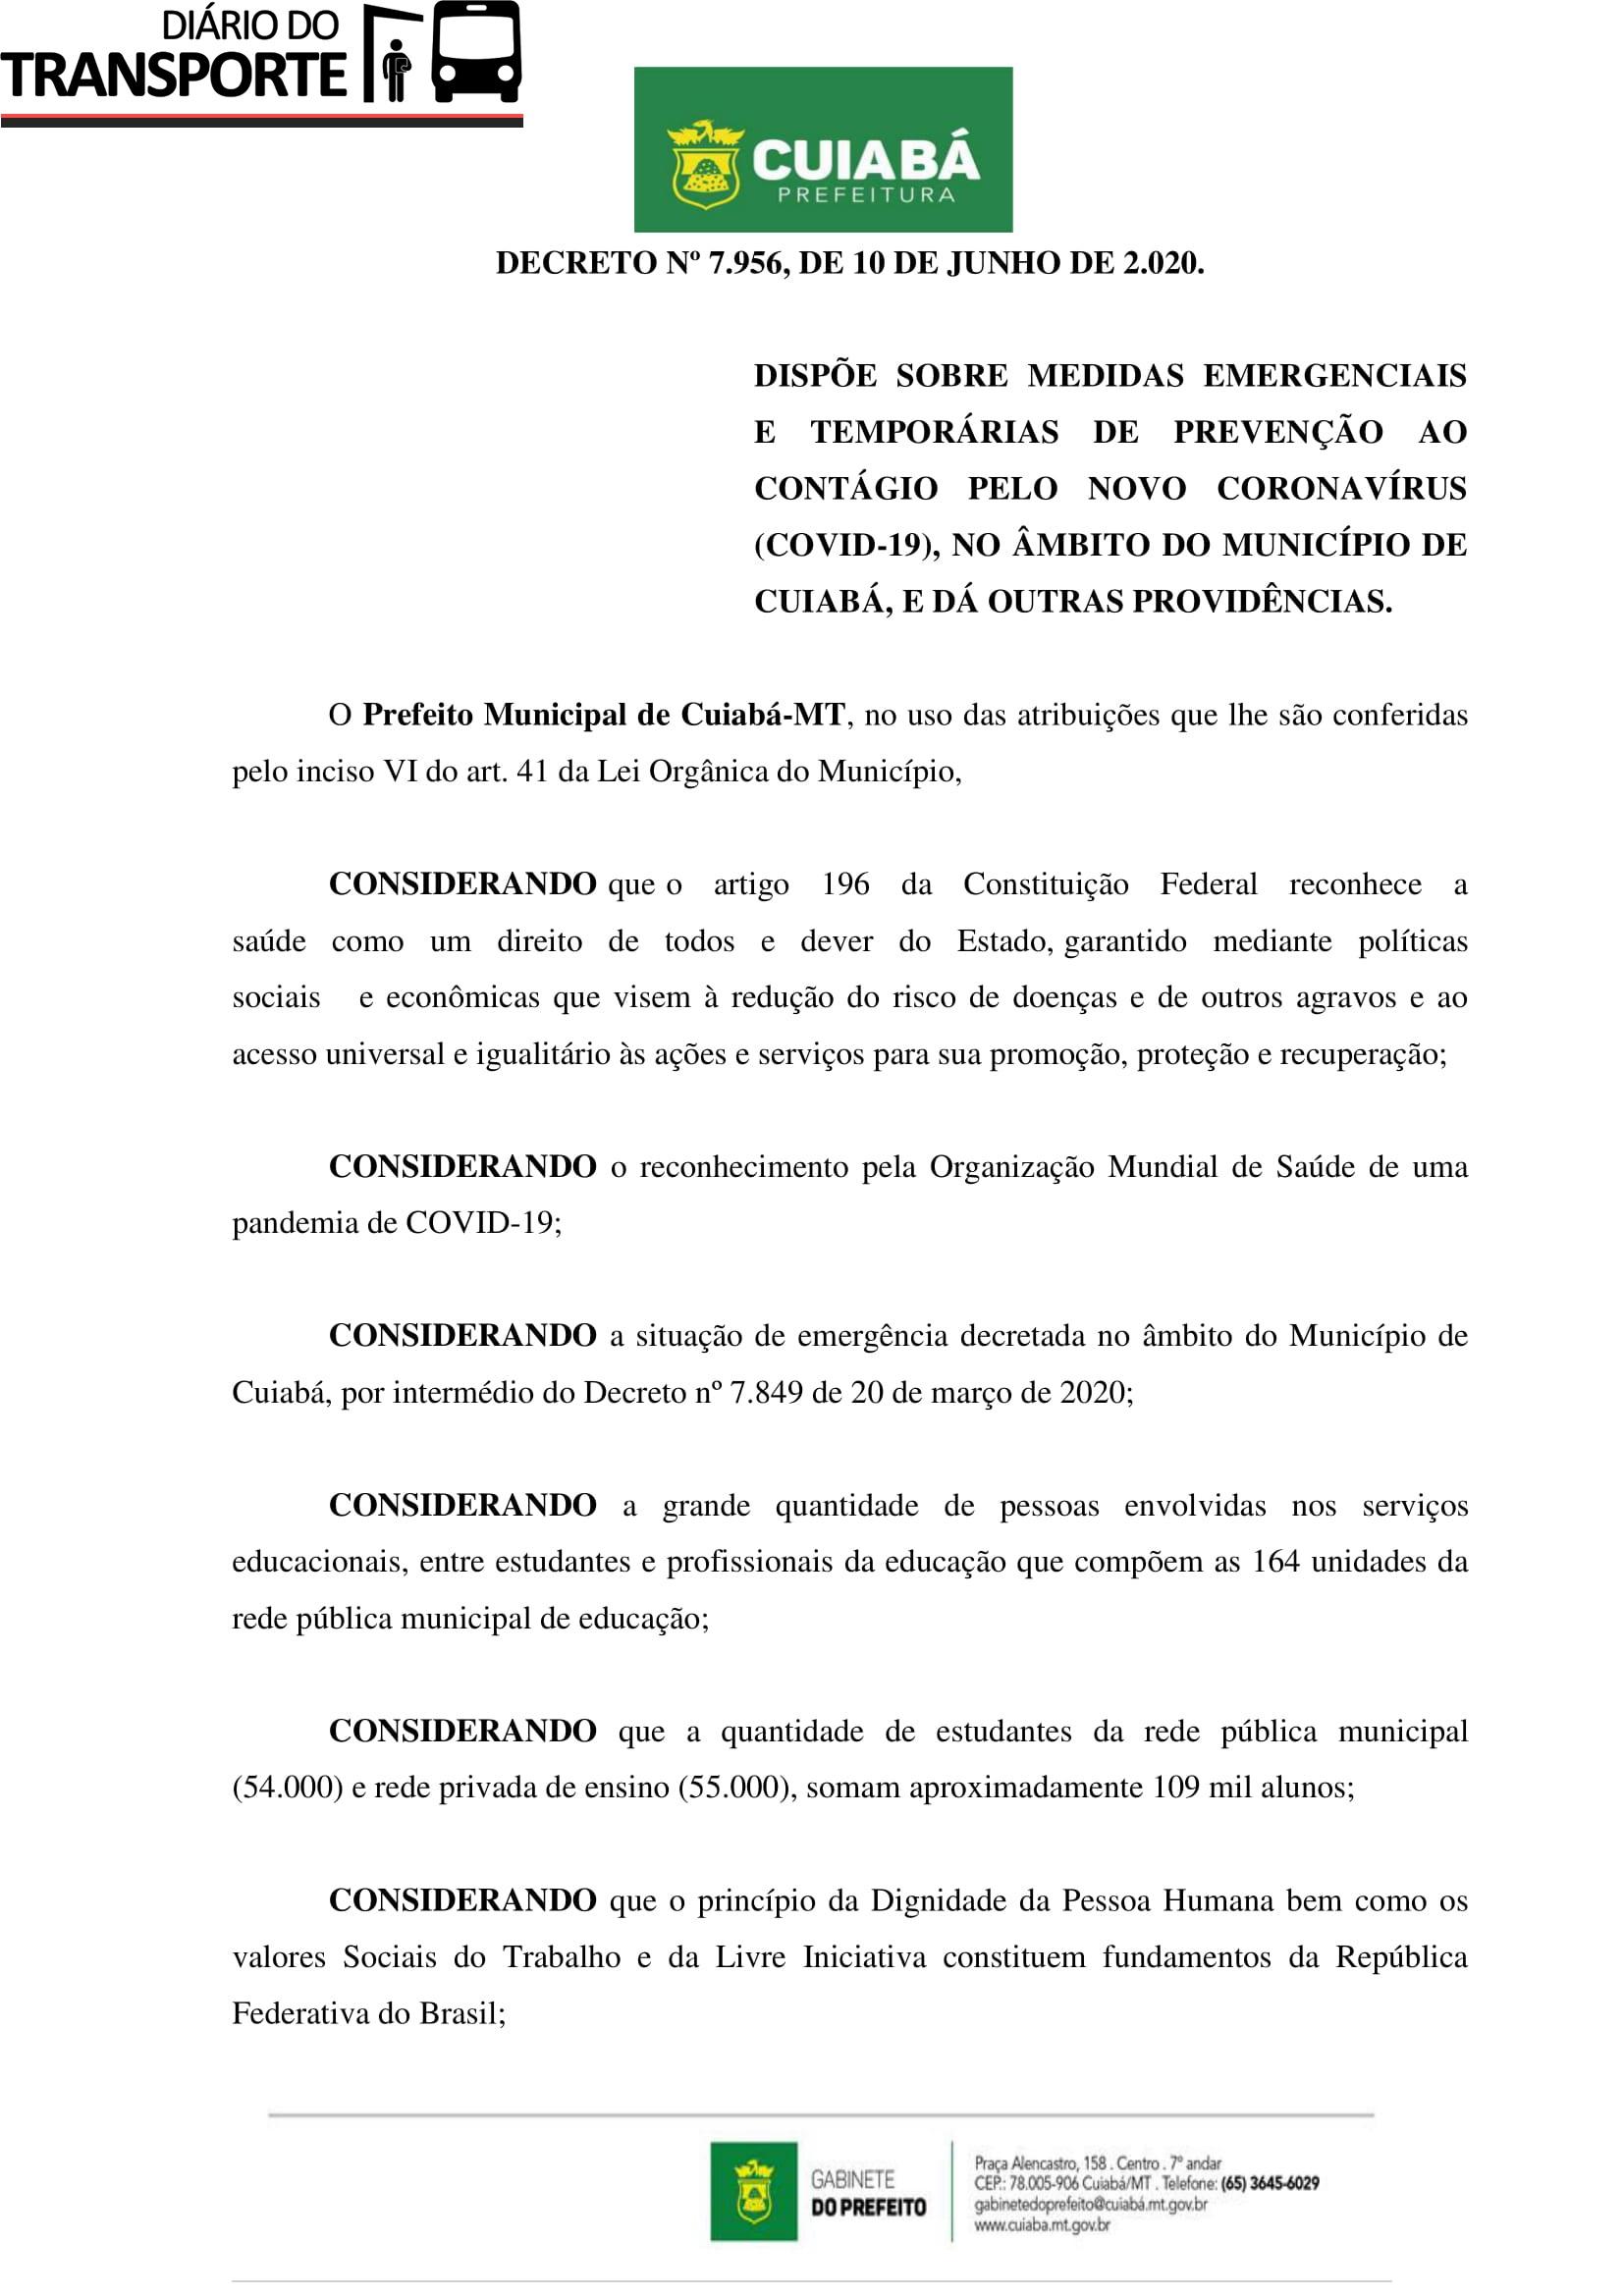 DECRETO - PRORROGA ATIVIDADES ESCOLARES E DEMAIS MEDIDAS (1)-1